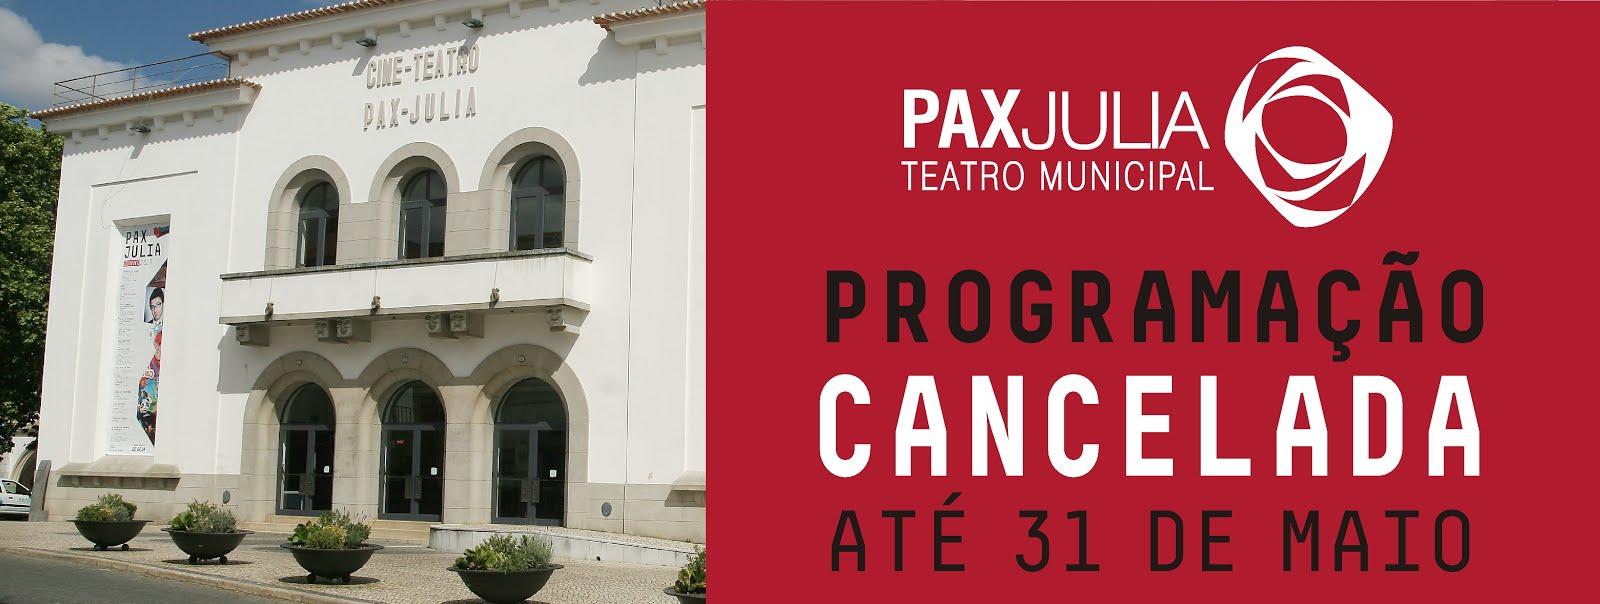 Pax Julia - Teatro Municipal